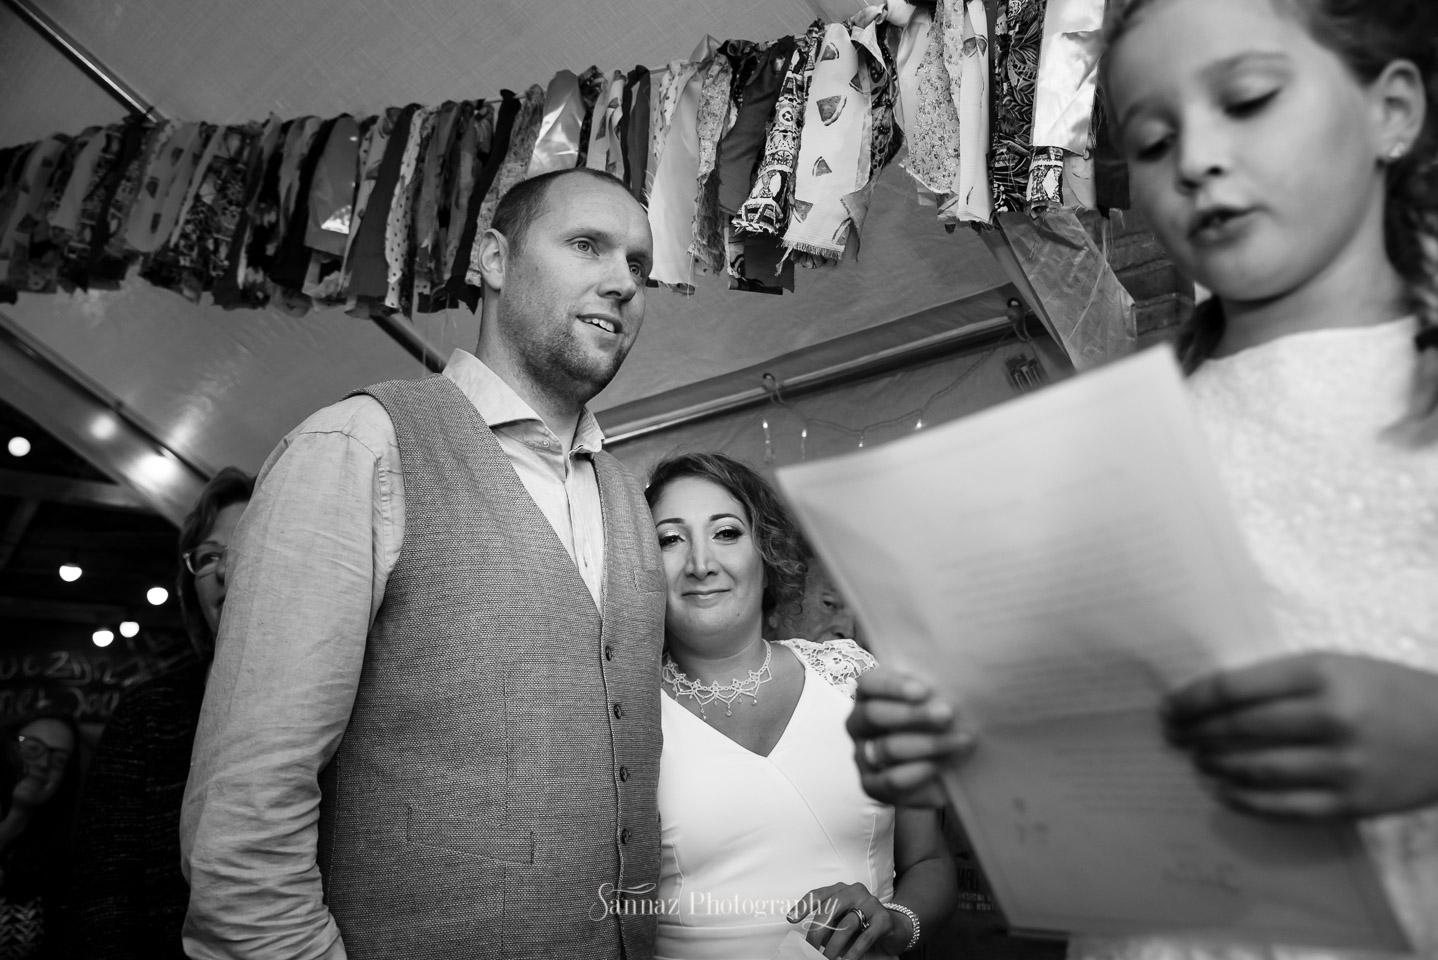 Sannaz Zoetermeer bruidsfotograaf (21).jpg